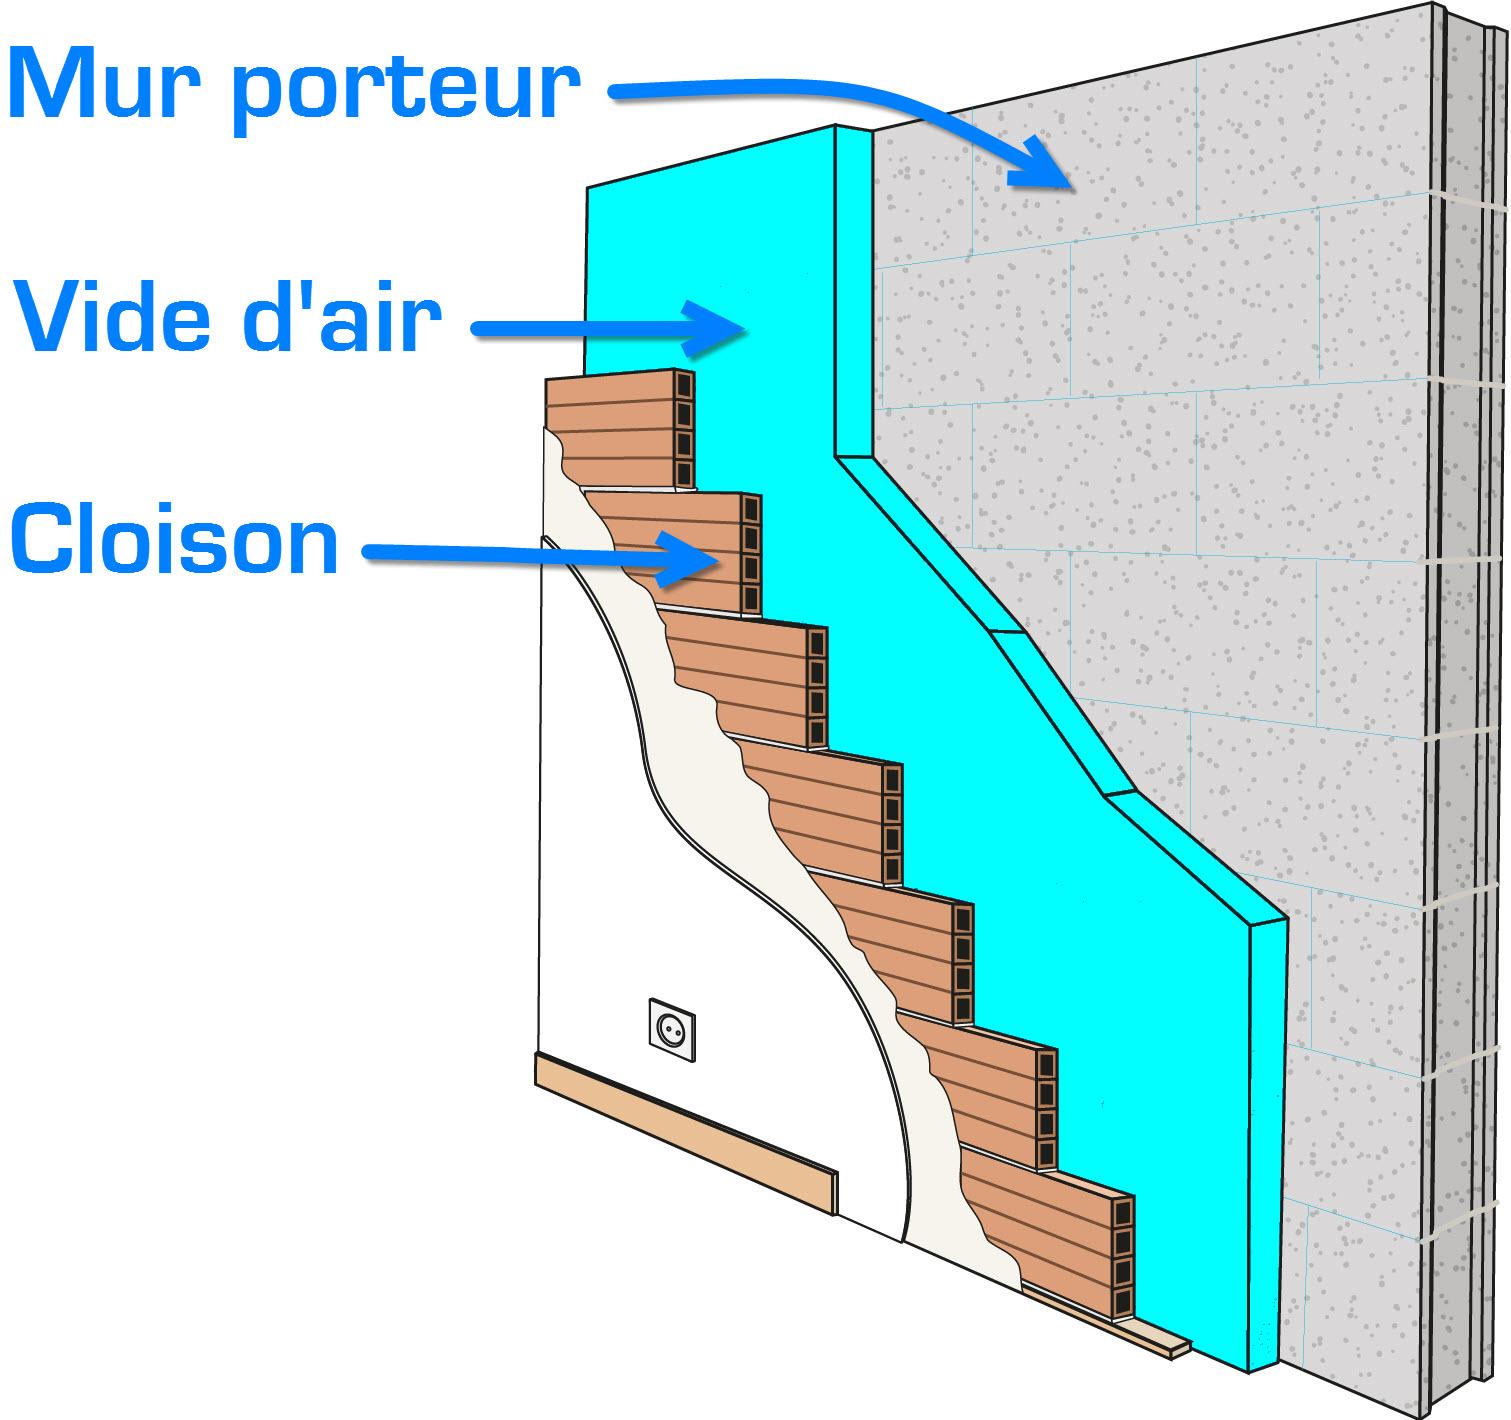 Isoler par injection for Probleme d humidite mur interieur